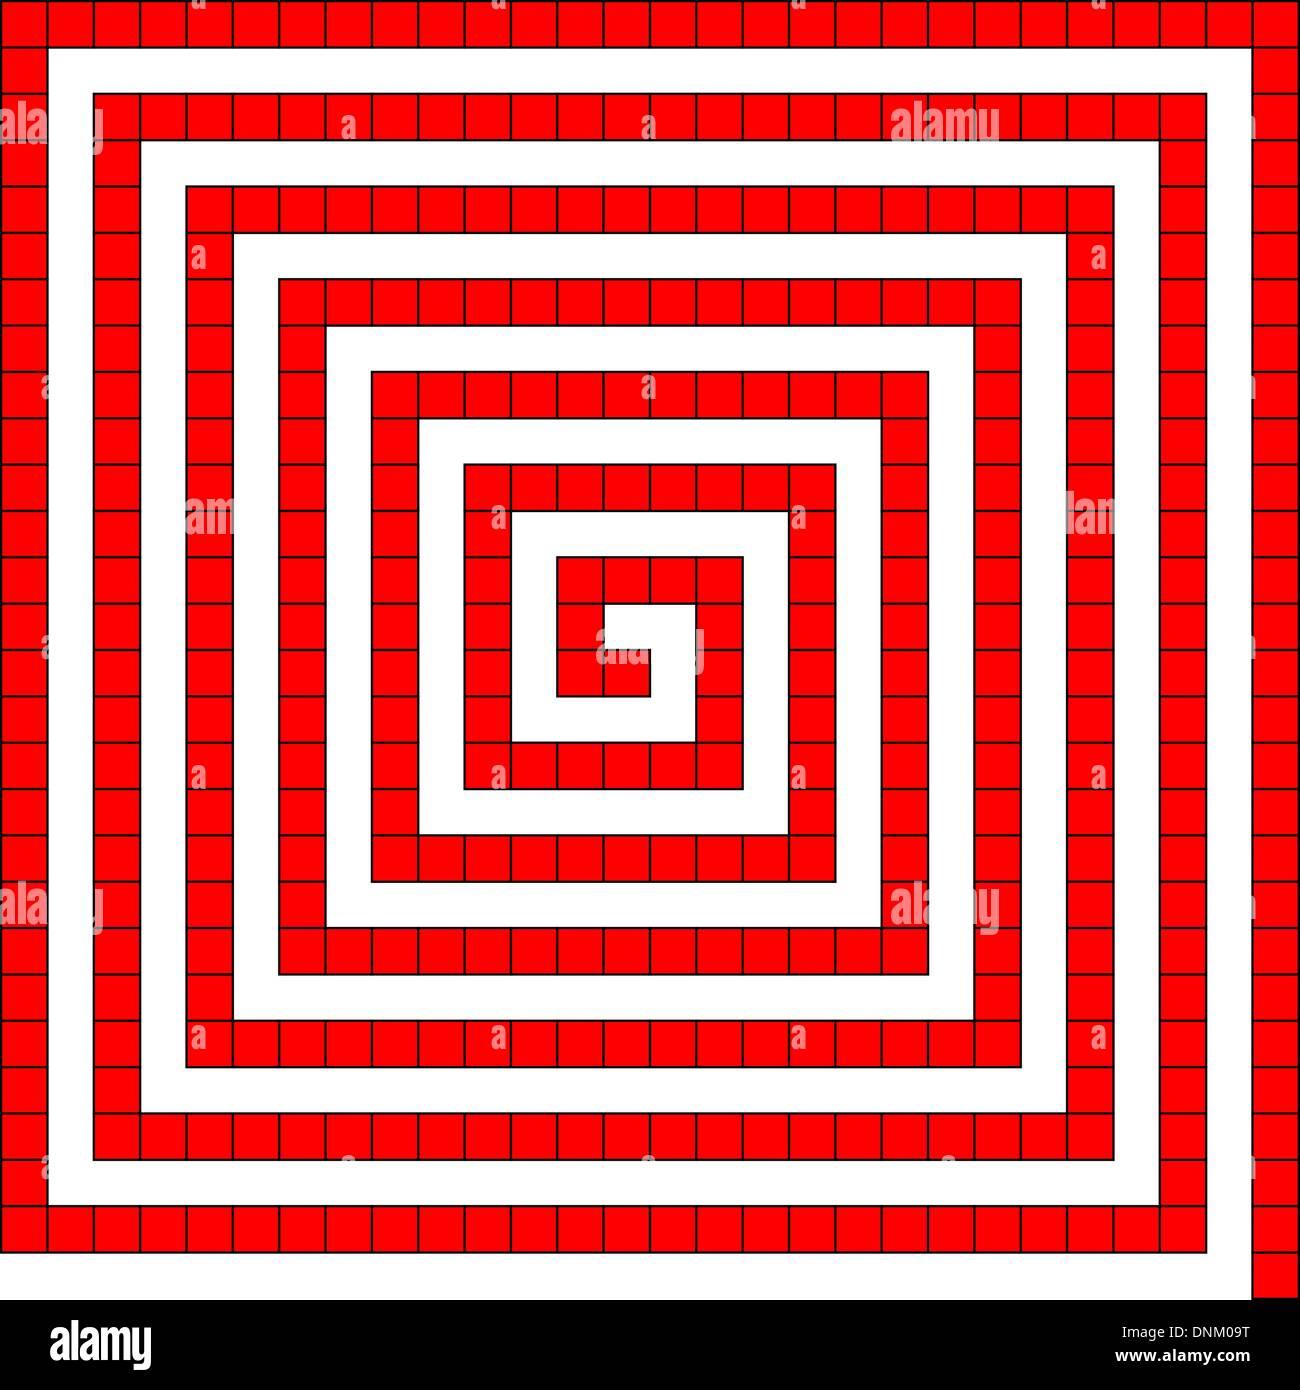 Rojo y blanco de textura de fondo abstracto Imagen De Stock